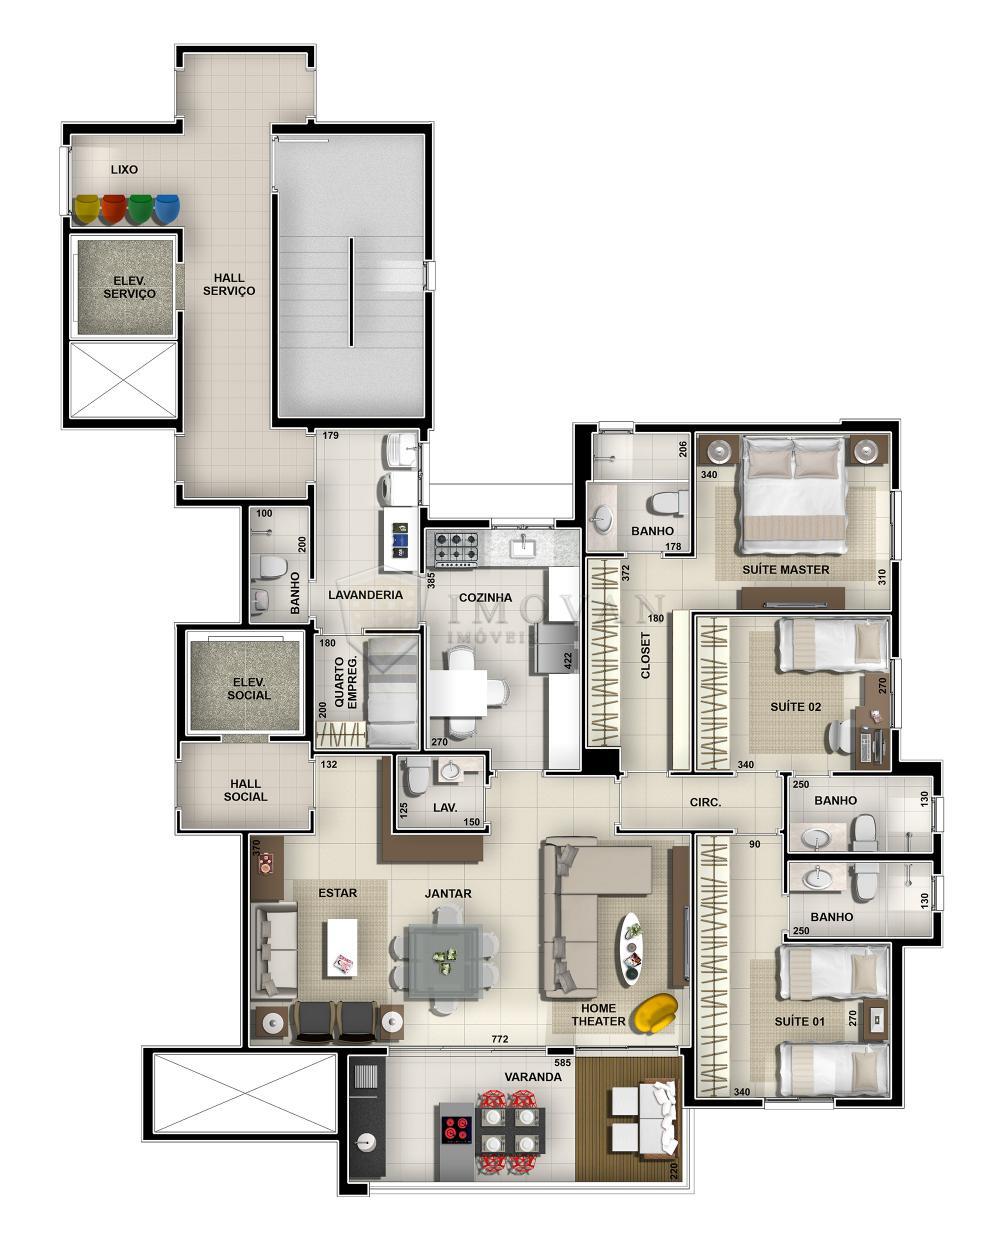 Comprar Apartamento / Padrão em Ribeirão Preto R$ 839.859,76 - Foto 3